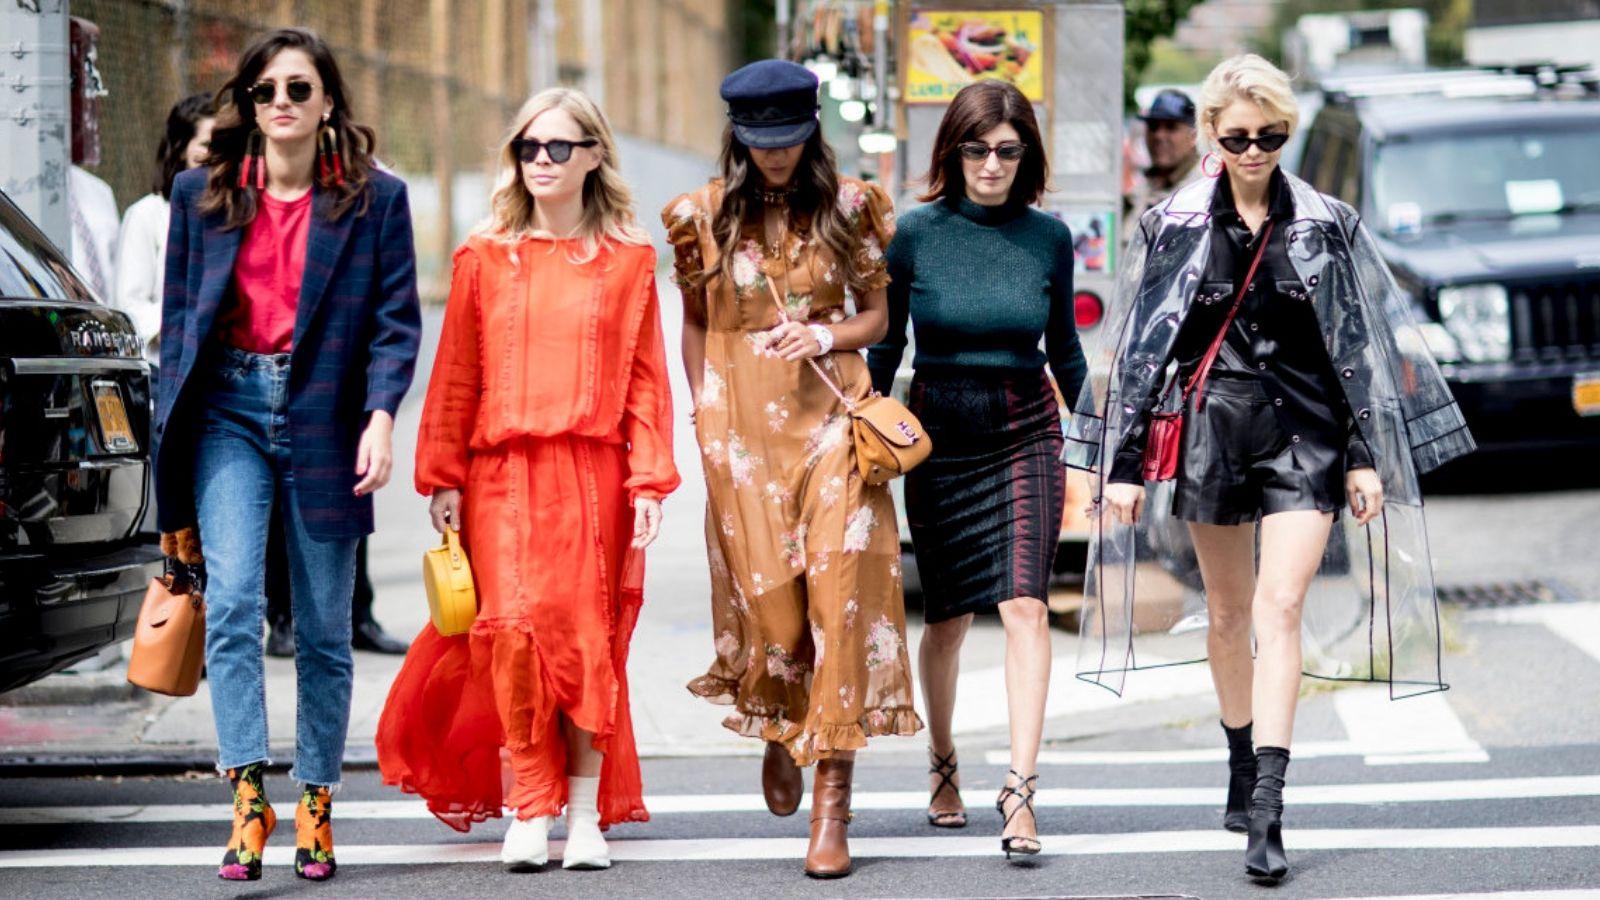 fashionista đi trên phố - phong cách thời trang anh và mỹ